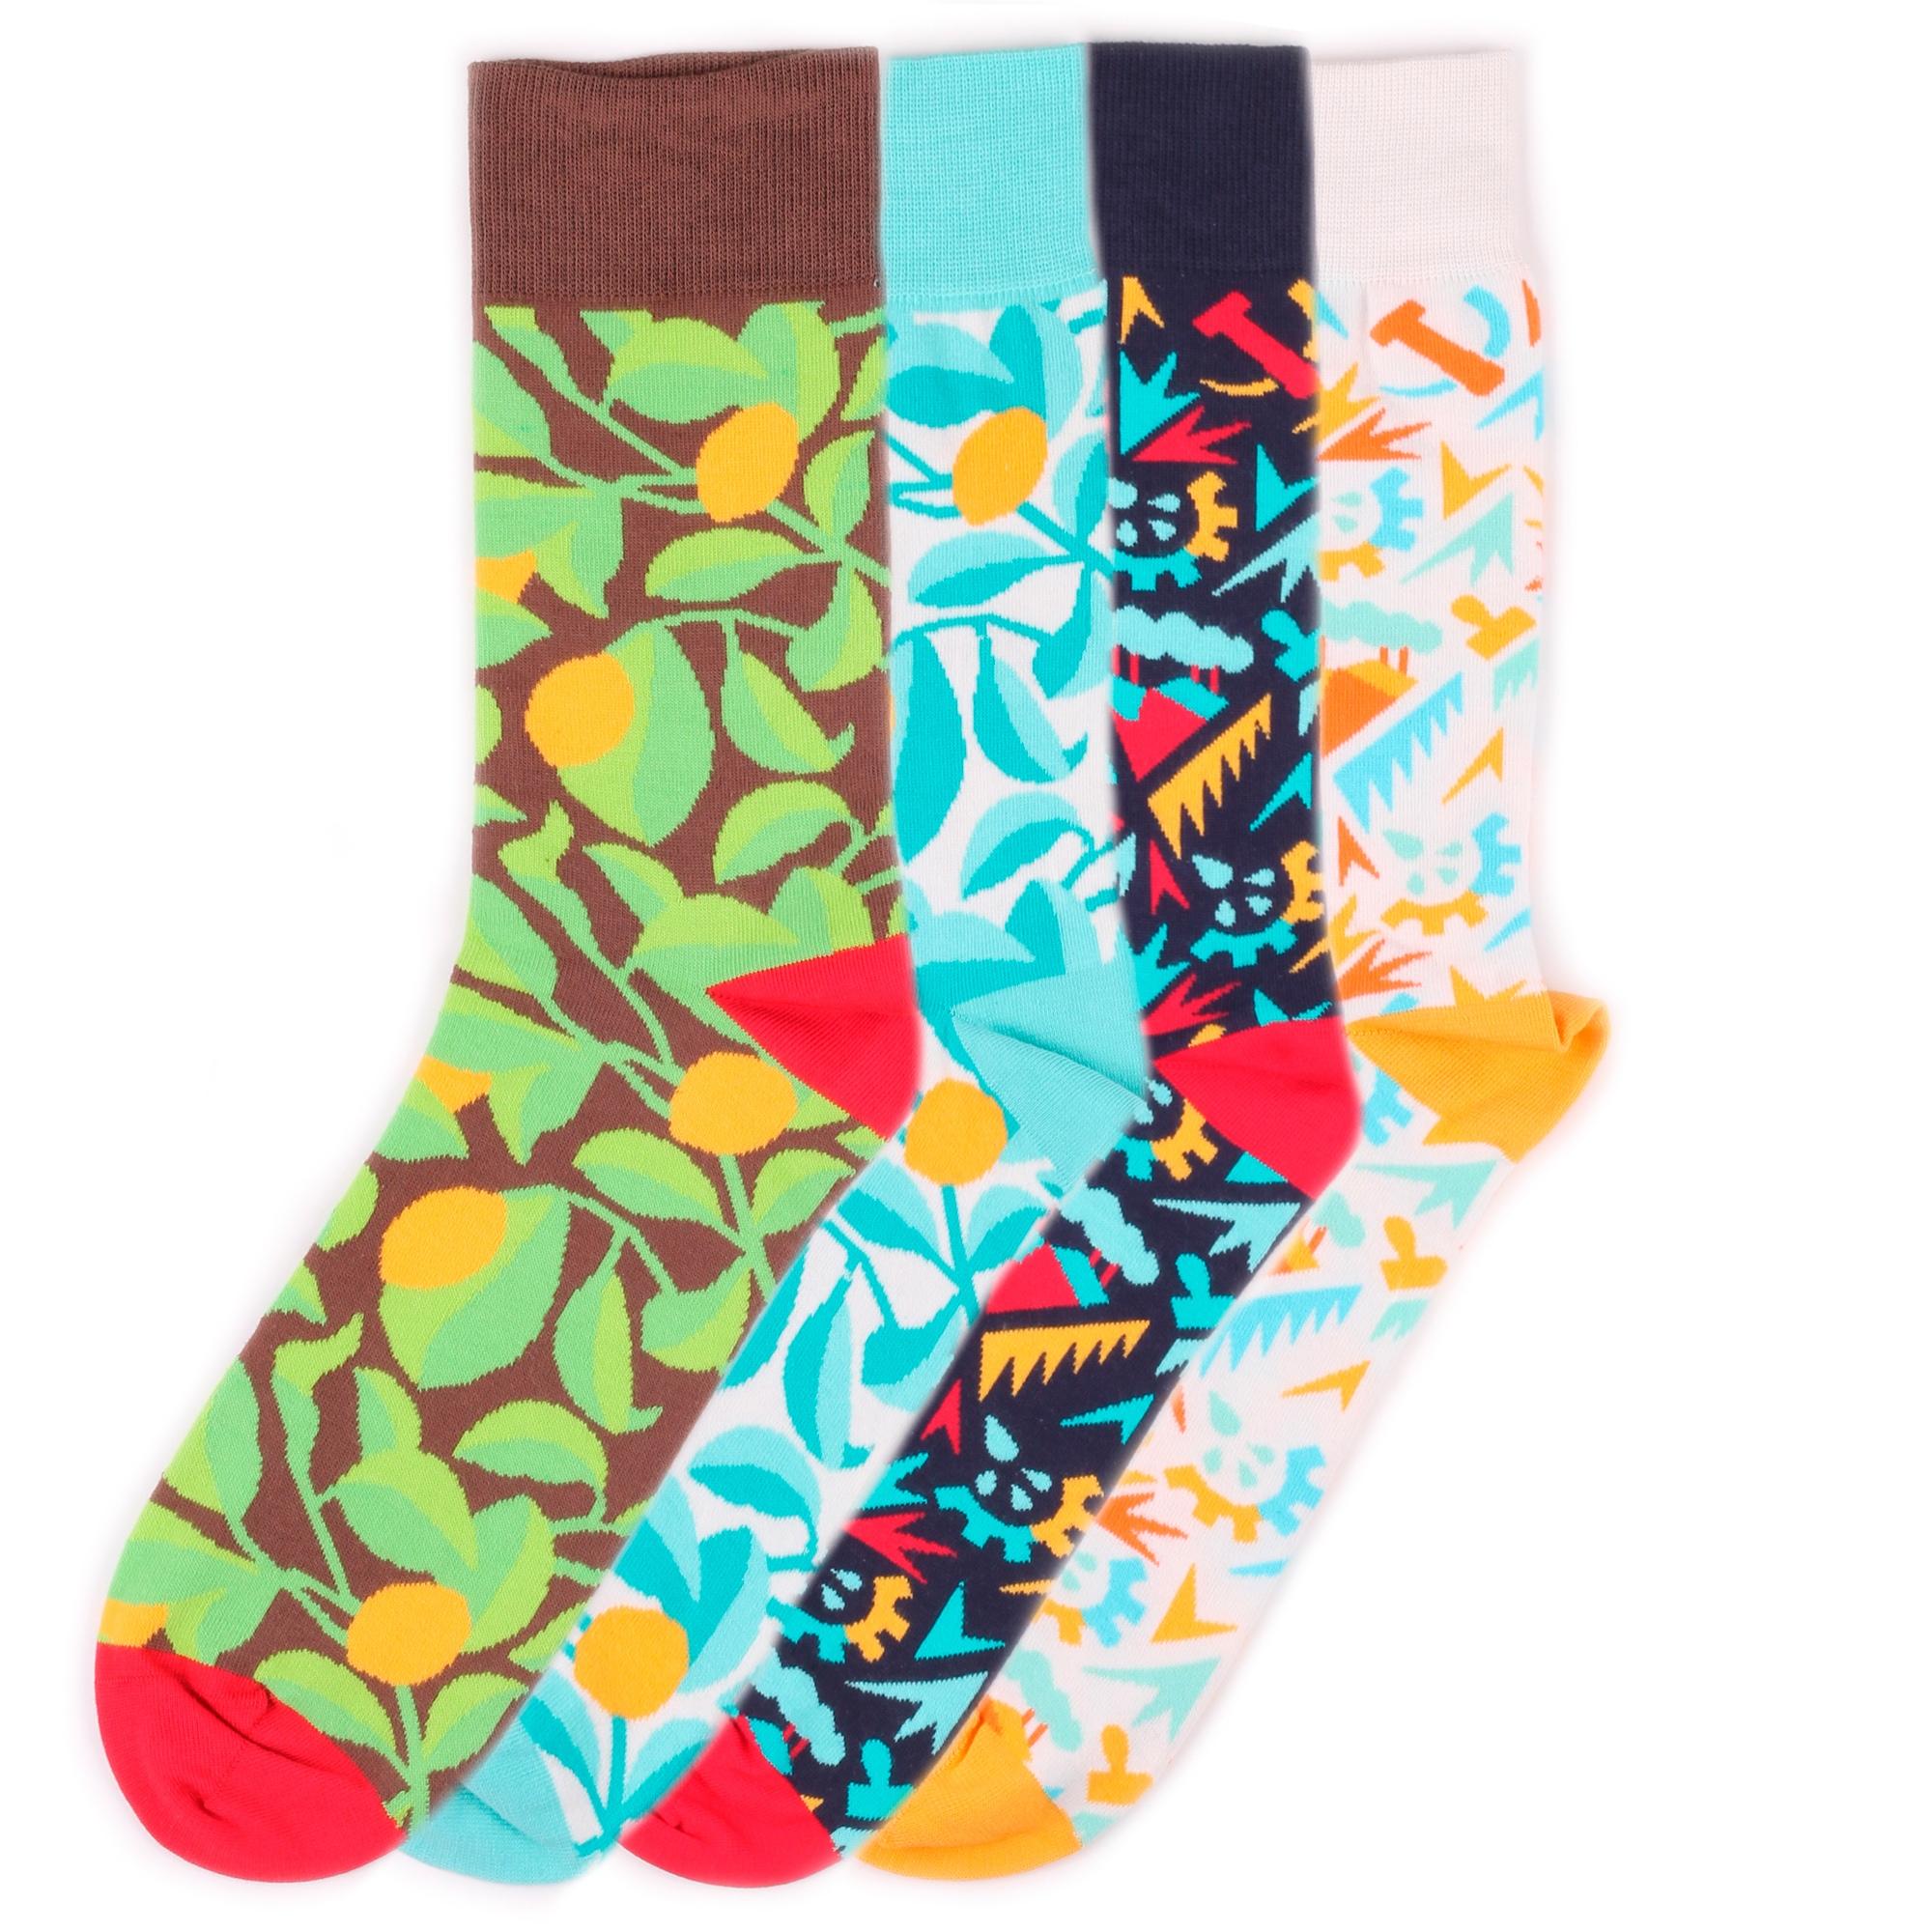 Набор носков Burning heels Lemons Industry разноцветный 42-45